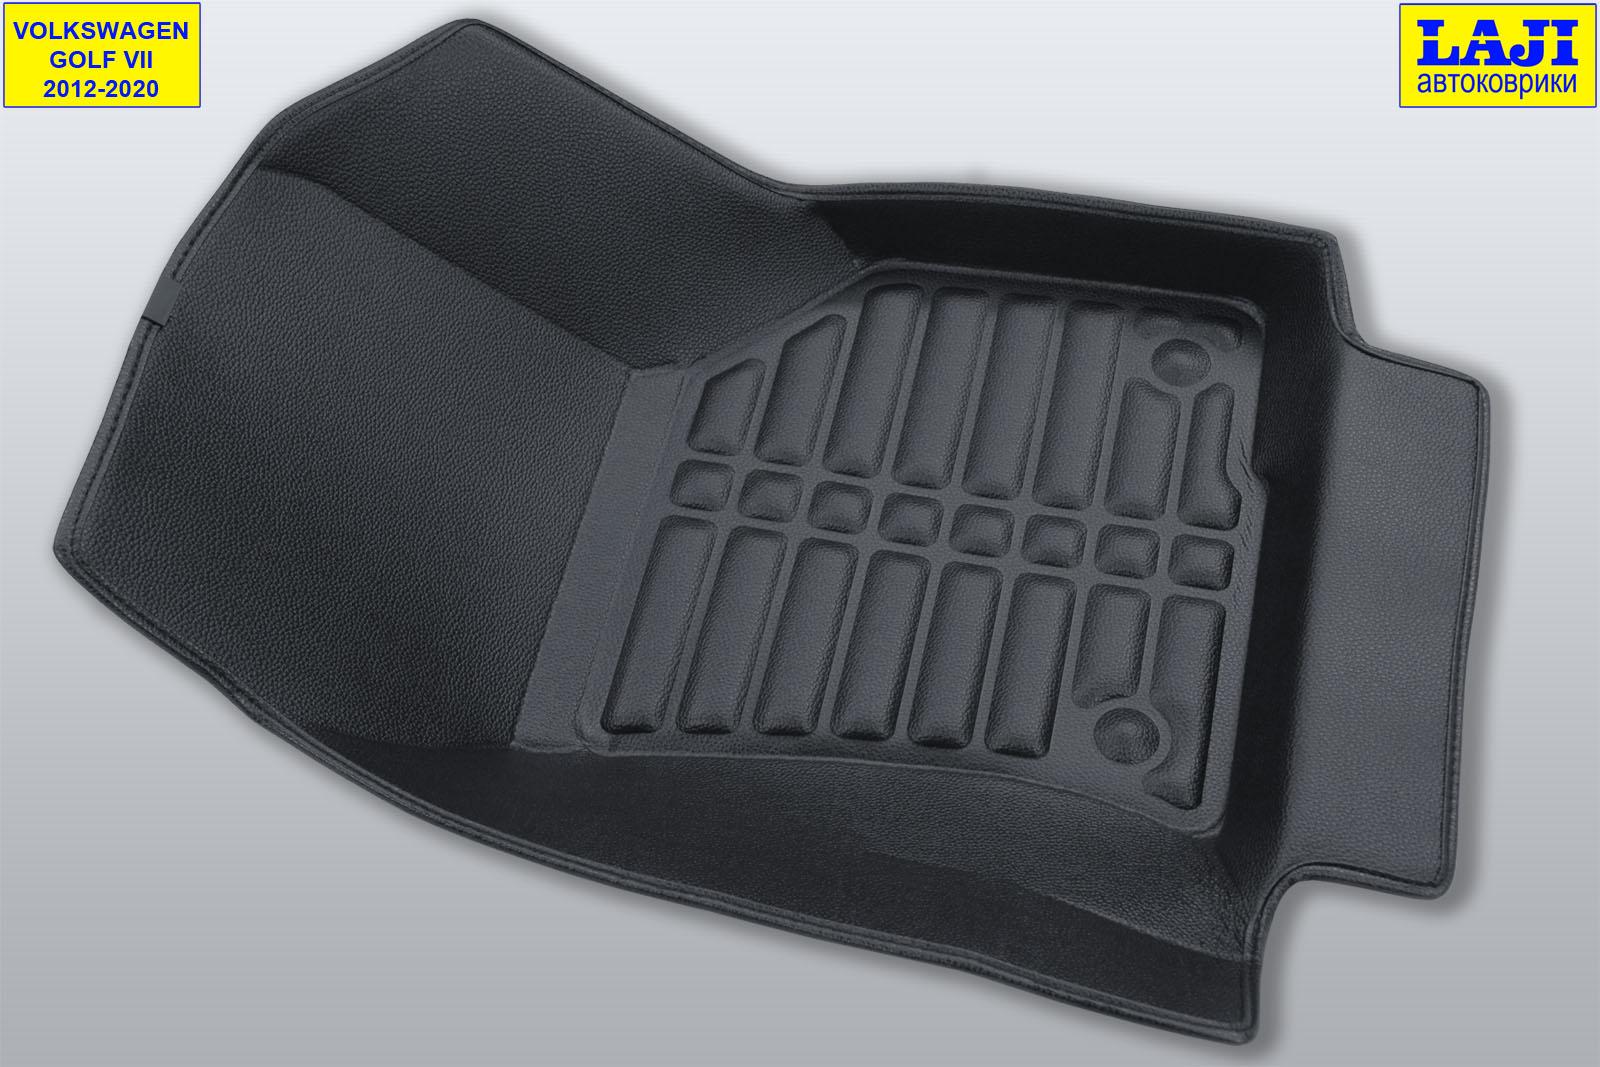 5D коврики в салон Volkswagen Golf 7 2012-2020 4